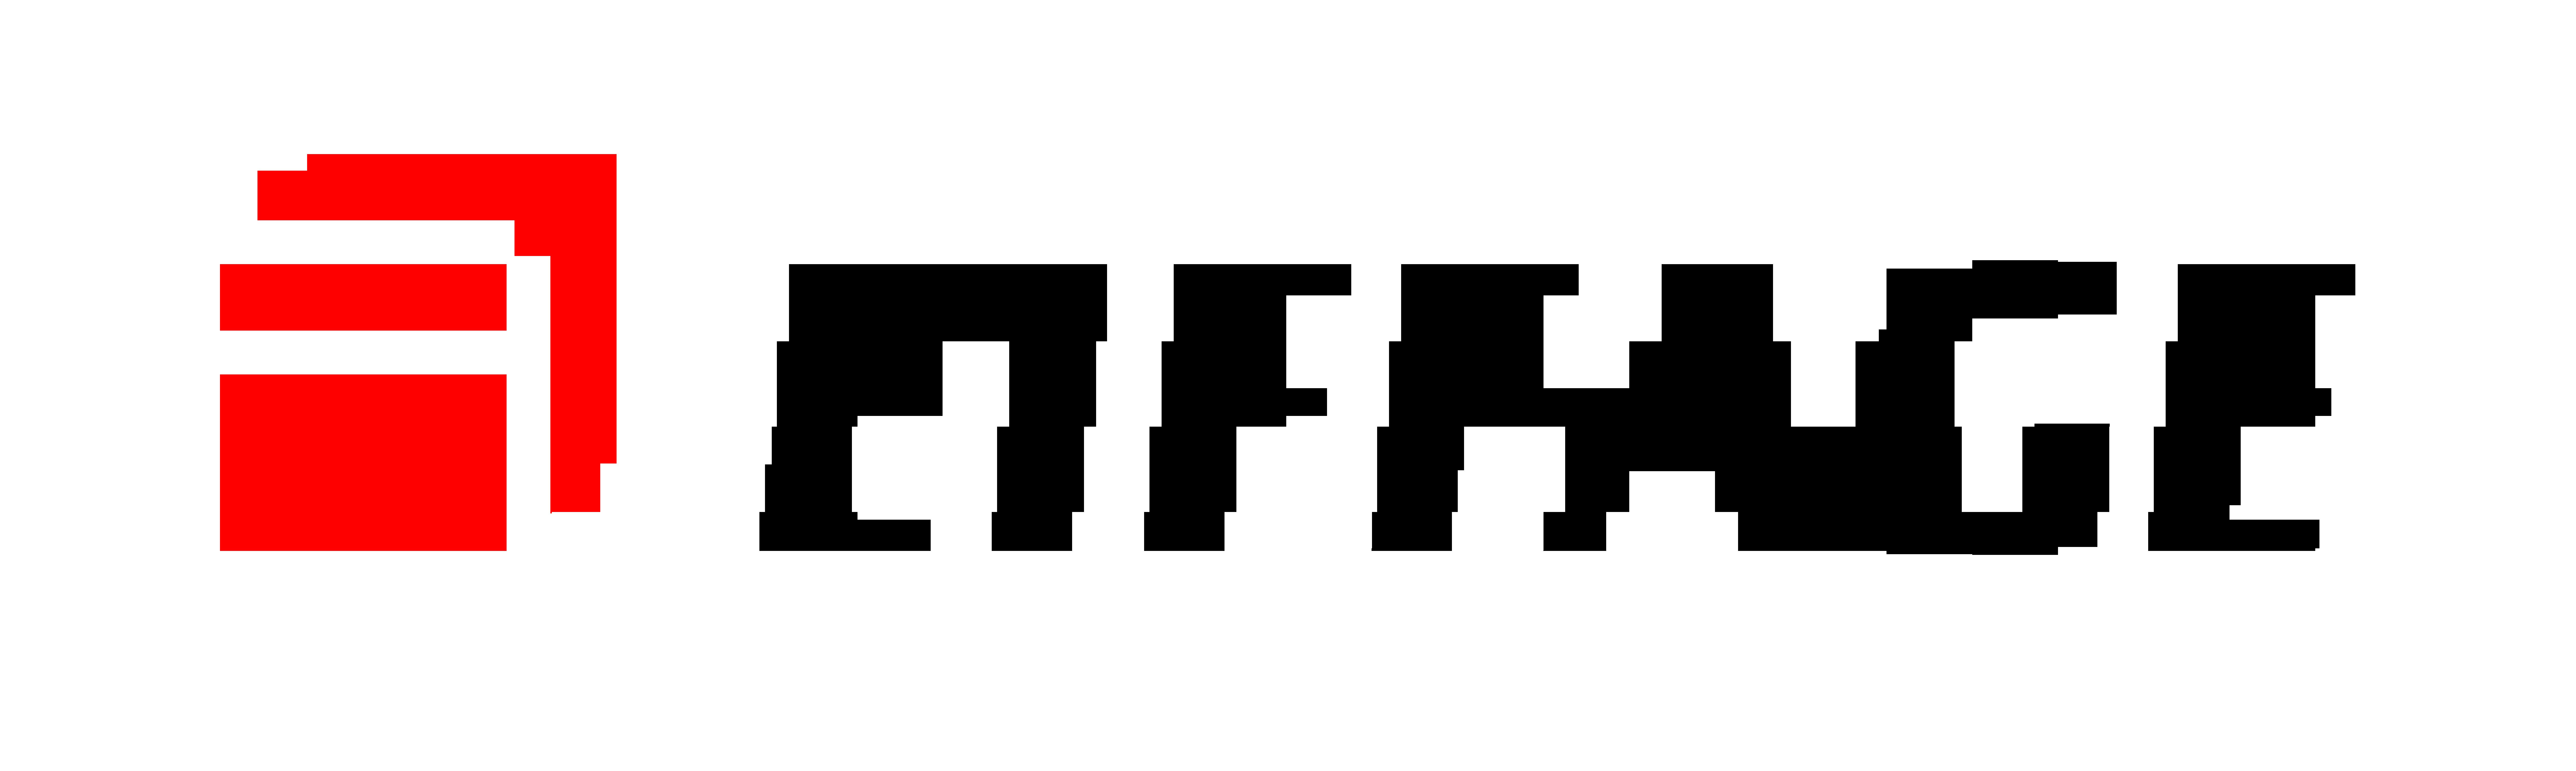 logo_eiffage.png